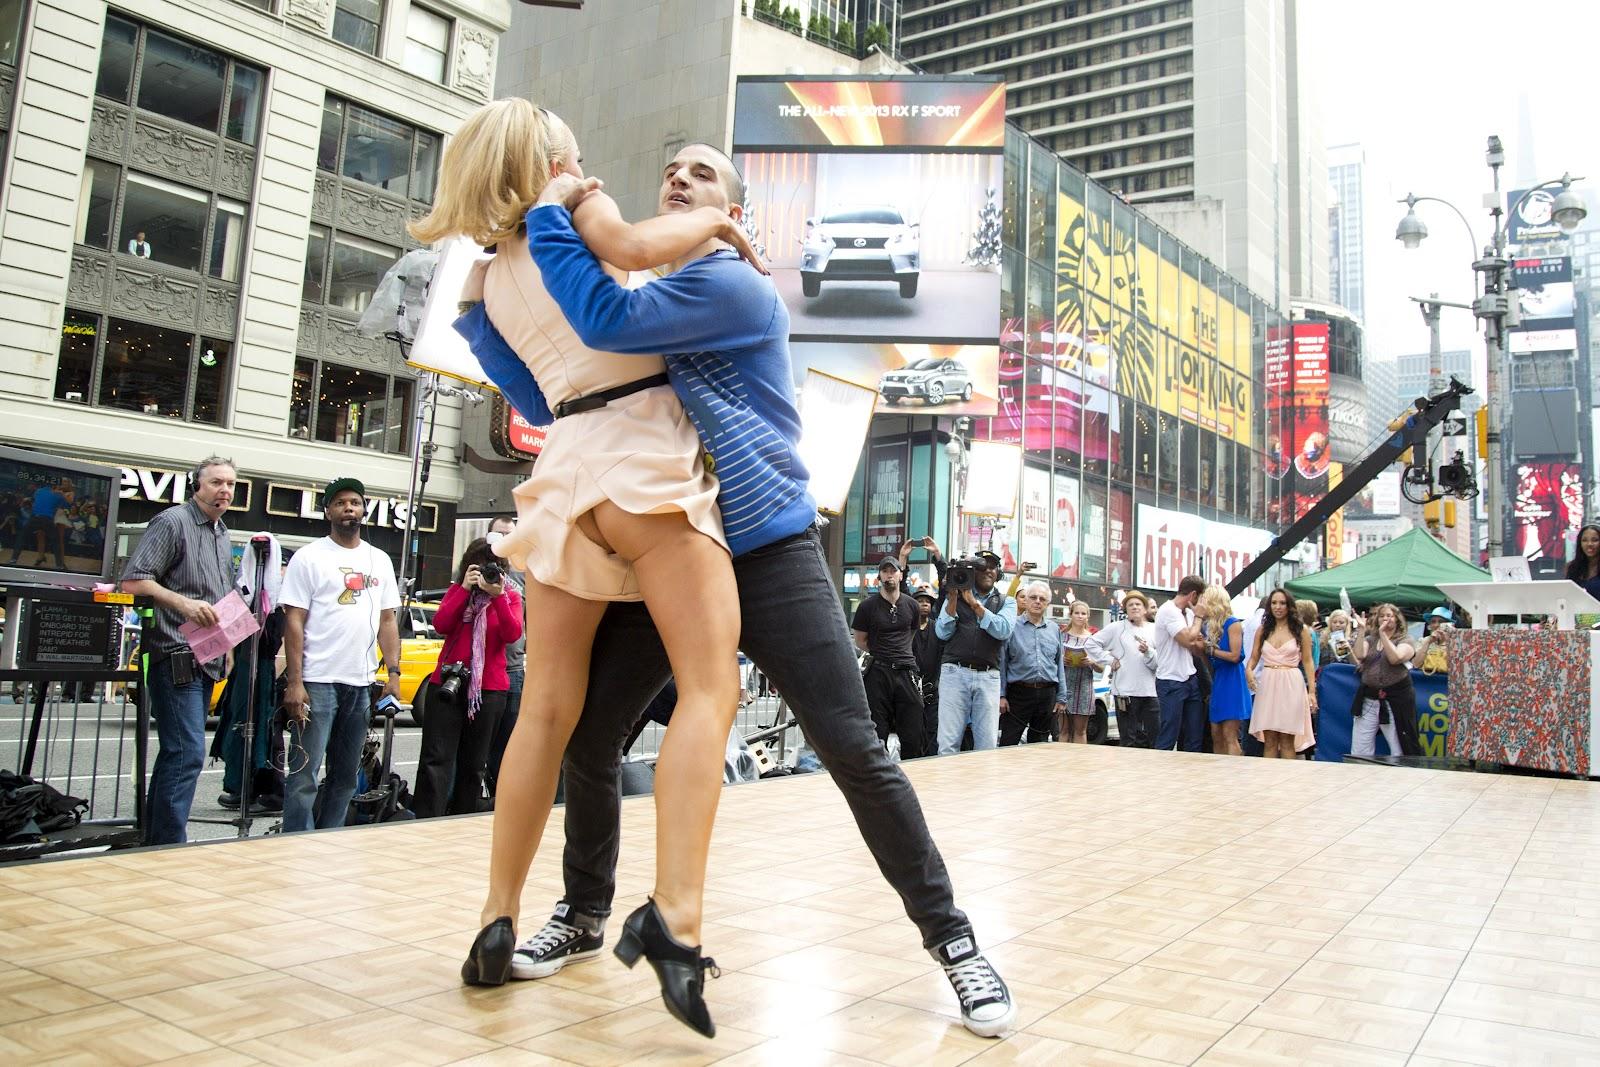 Тёлки на танцах, Порно танцы видео HD бесплатно гиг порно 2 фотография